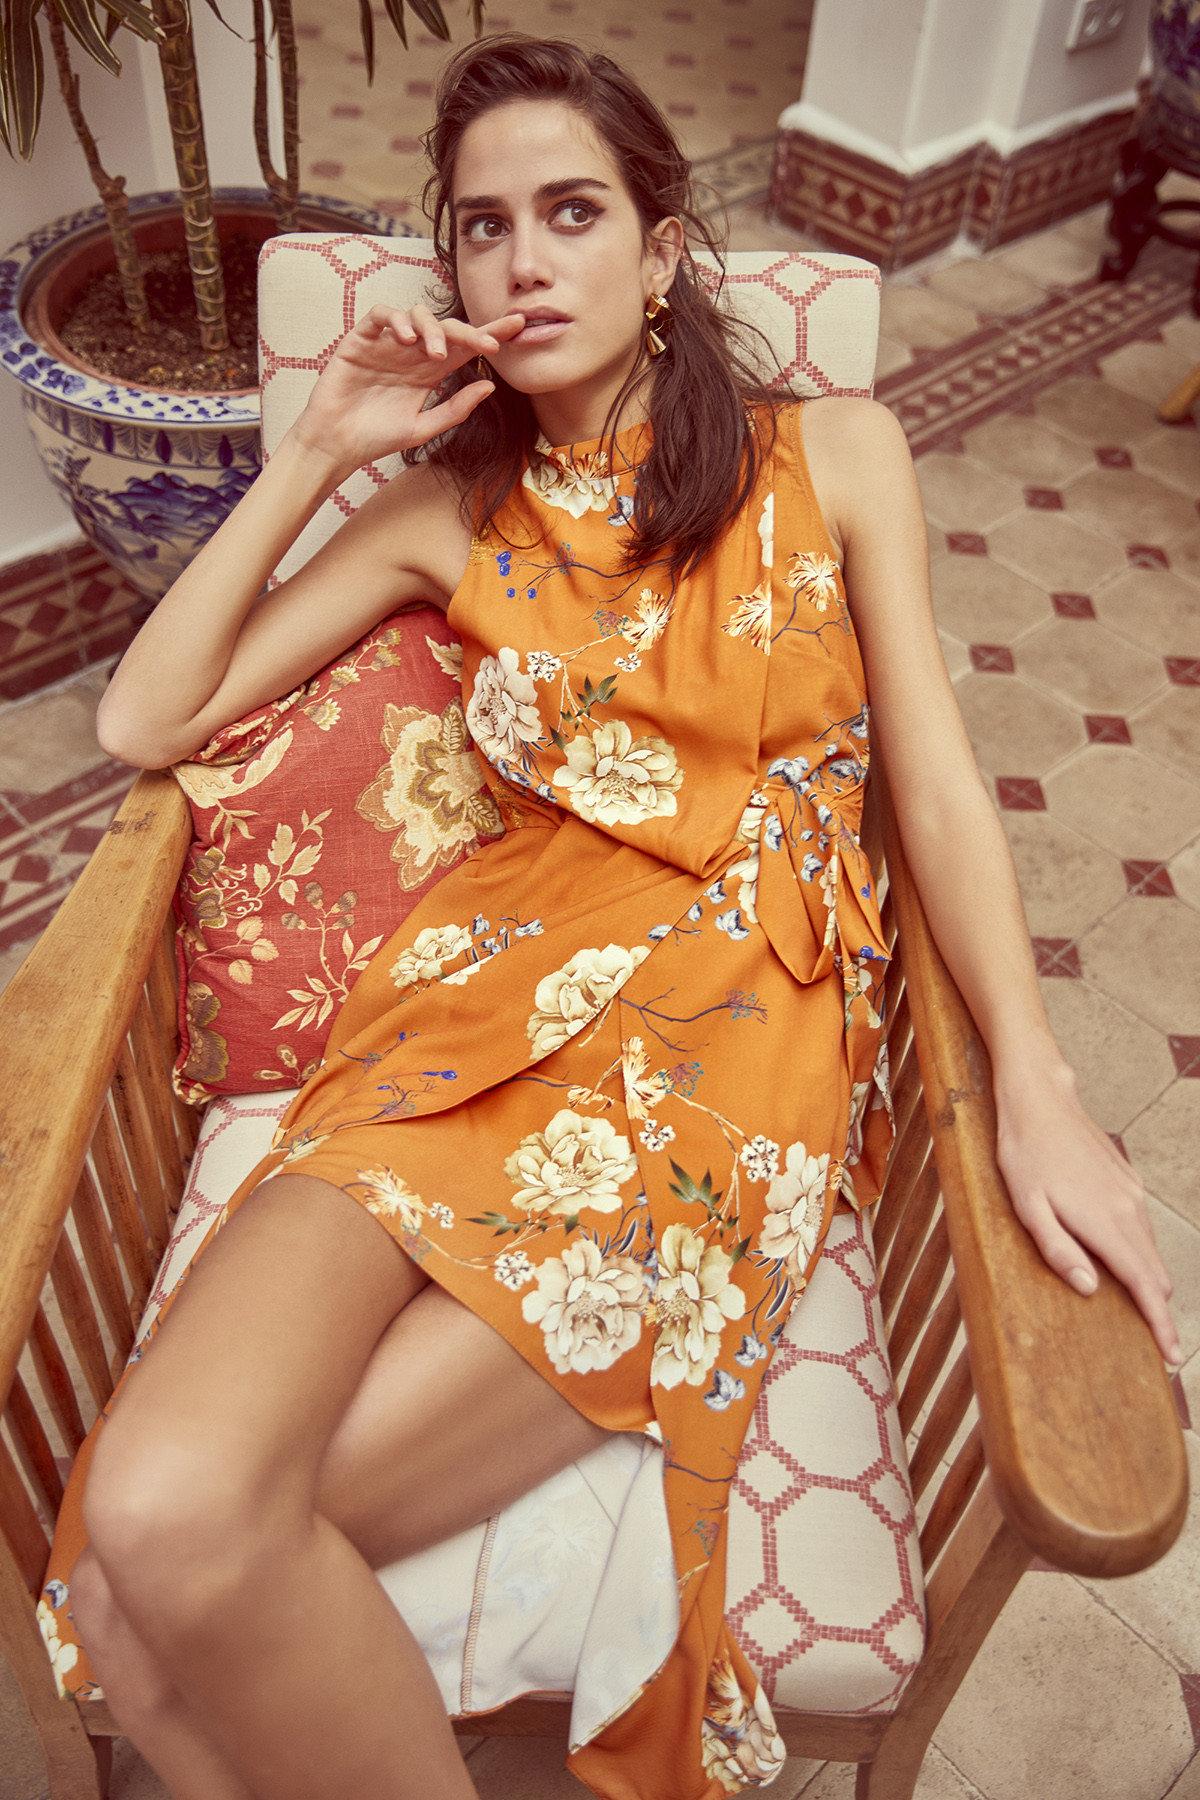 خرید اینترنتی لباس ترک | لباس ترک ارزان